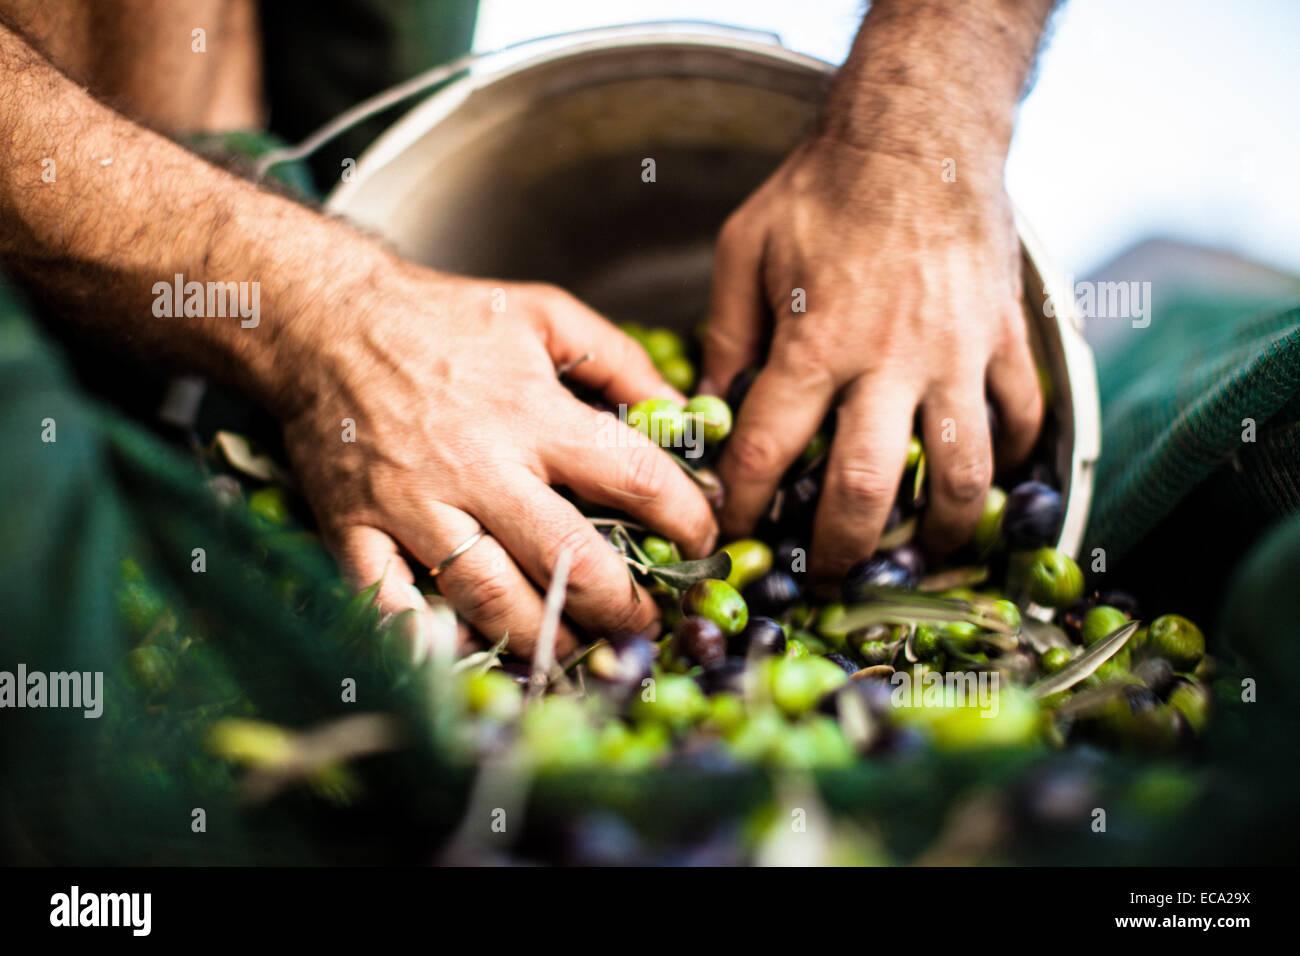 En poussant l'homme dans le seau d'olives Photo Stock